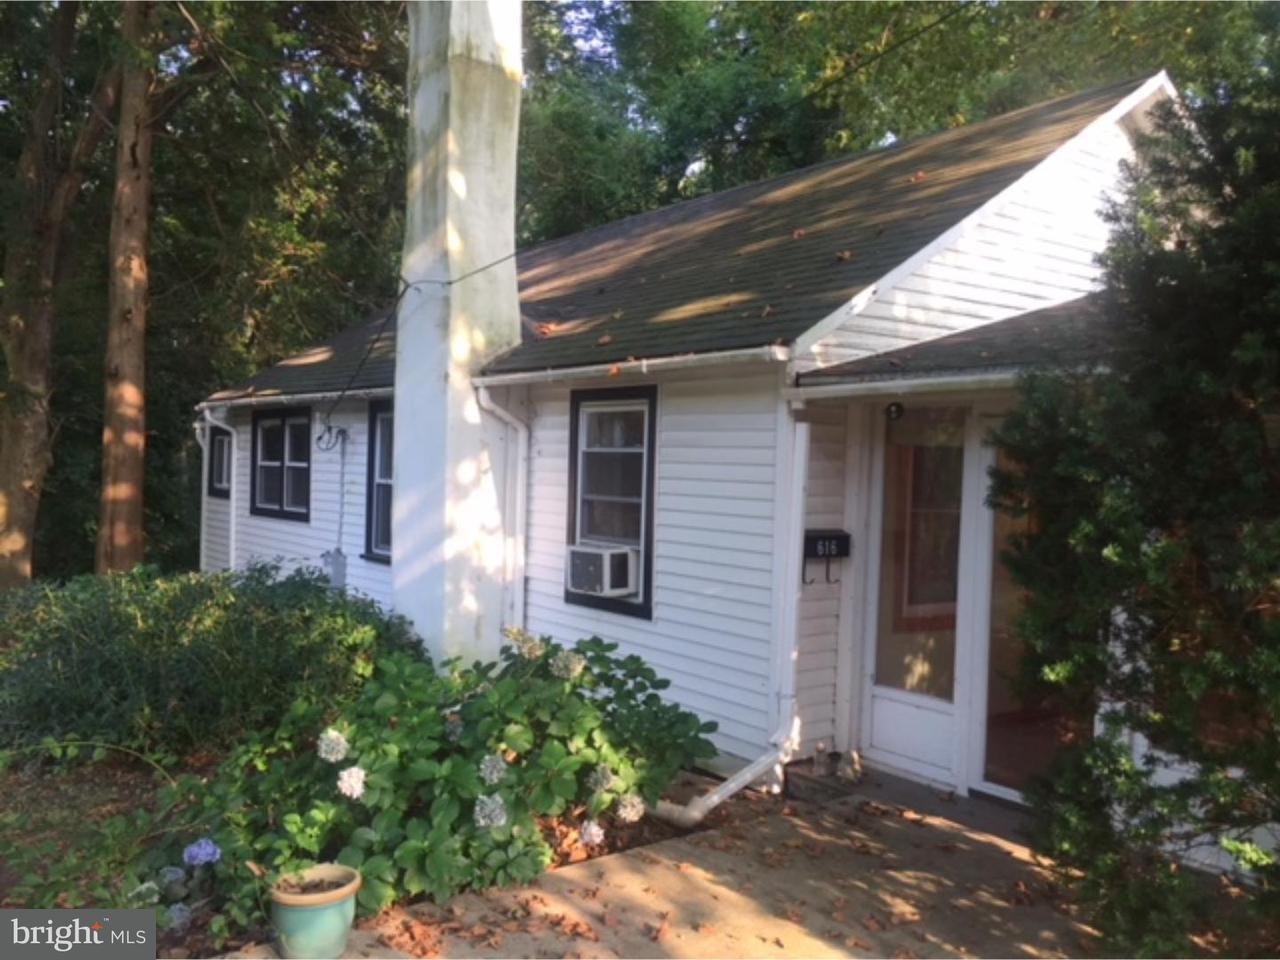 Частный односемейный дом для того Аренда на 616 HILLSIDE Avenue Wilmington, Делавэр 19805 Соединенные Штаты